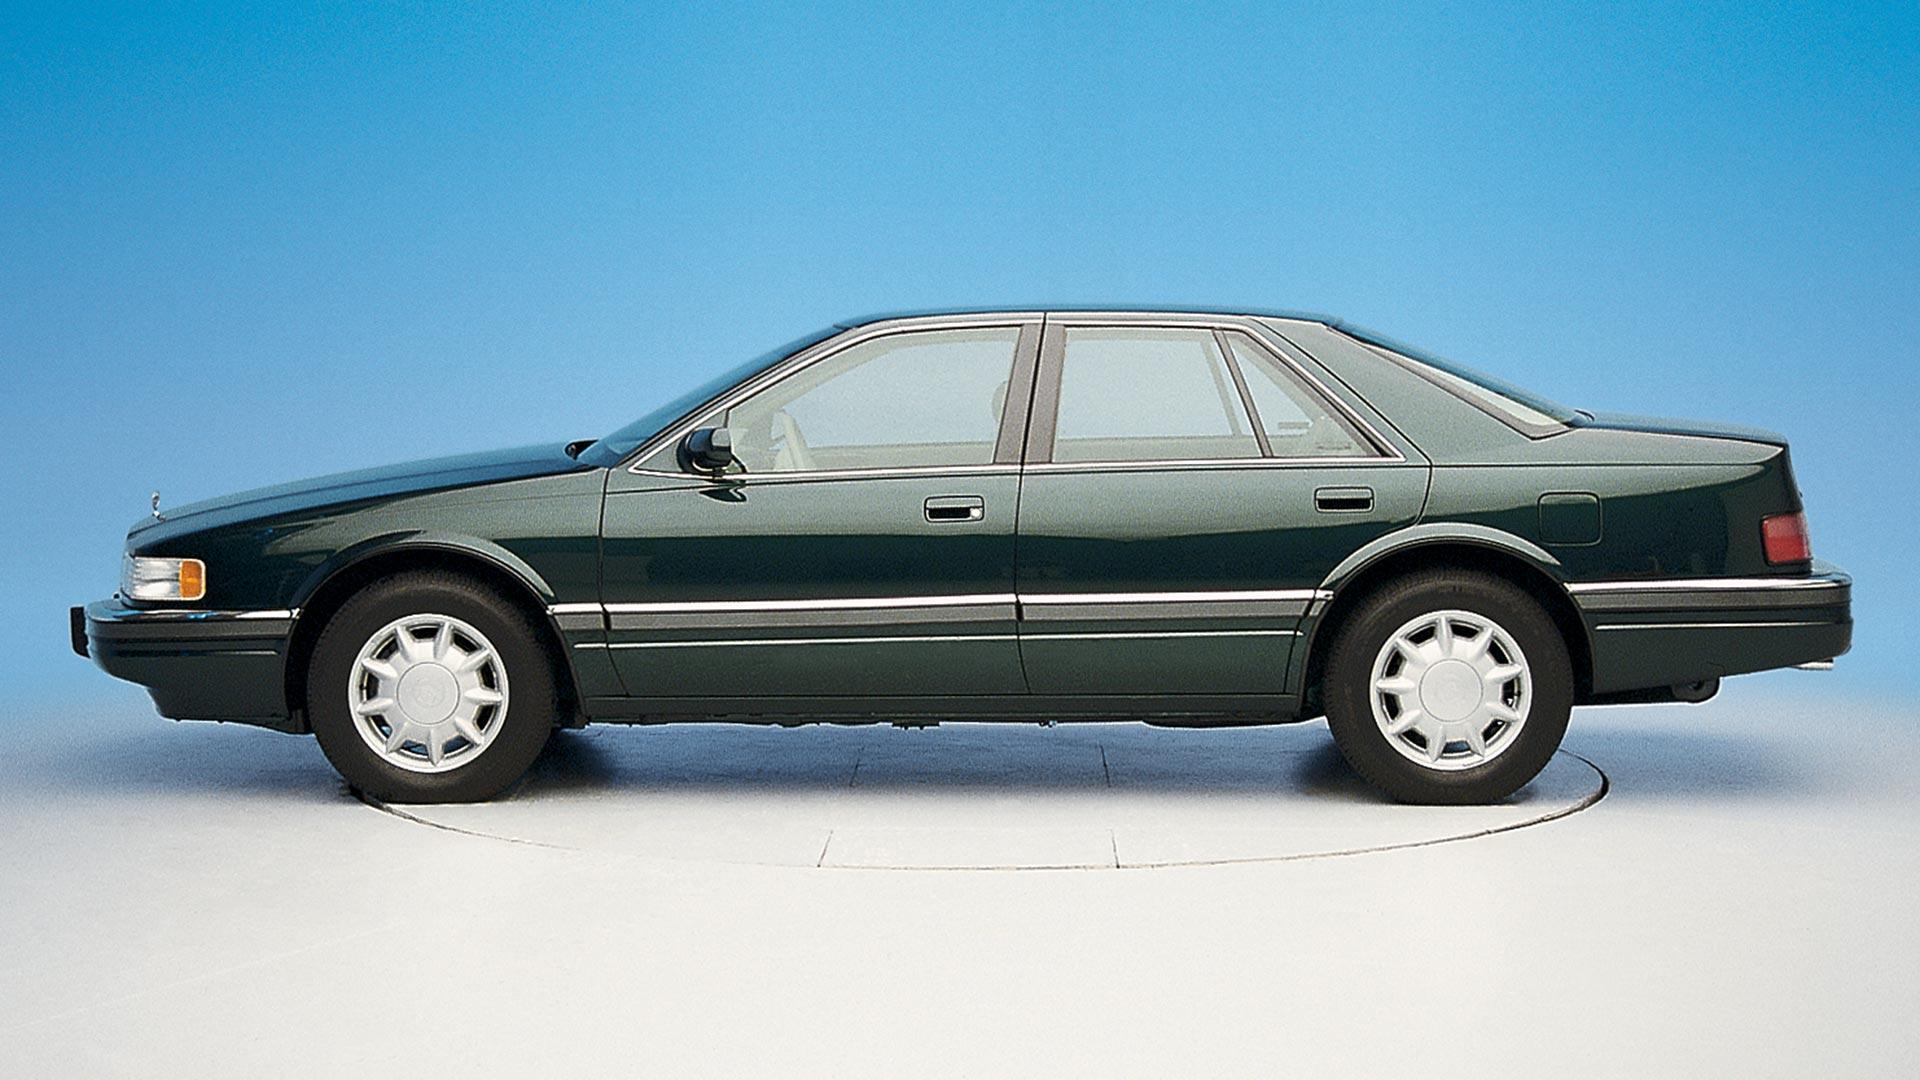 hight resolution of 1997 cadillac seville 4 door sedan